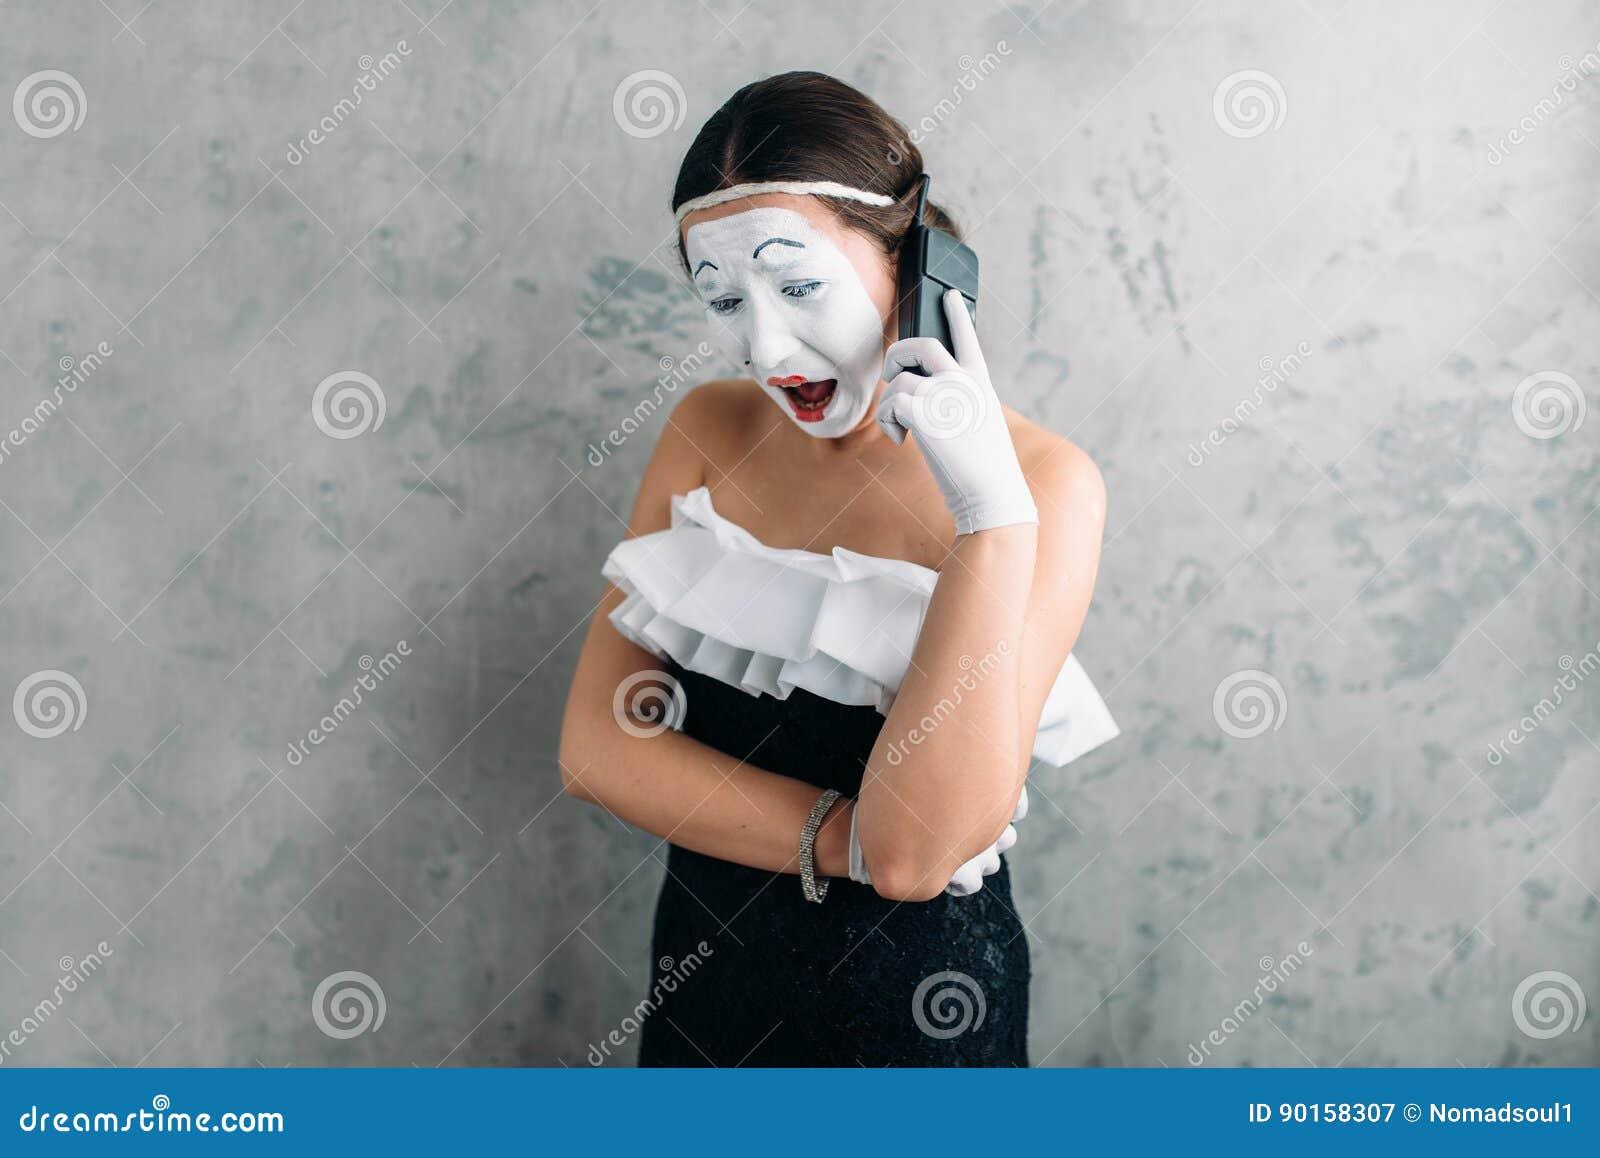 Imite a la actriz que se realiza con el teléfono móvil